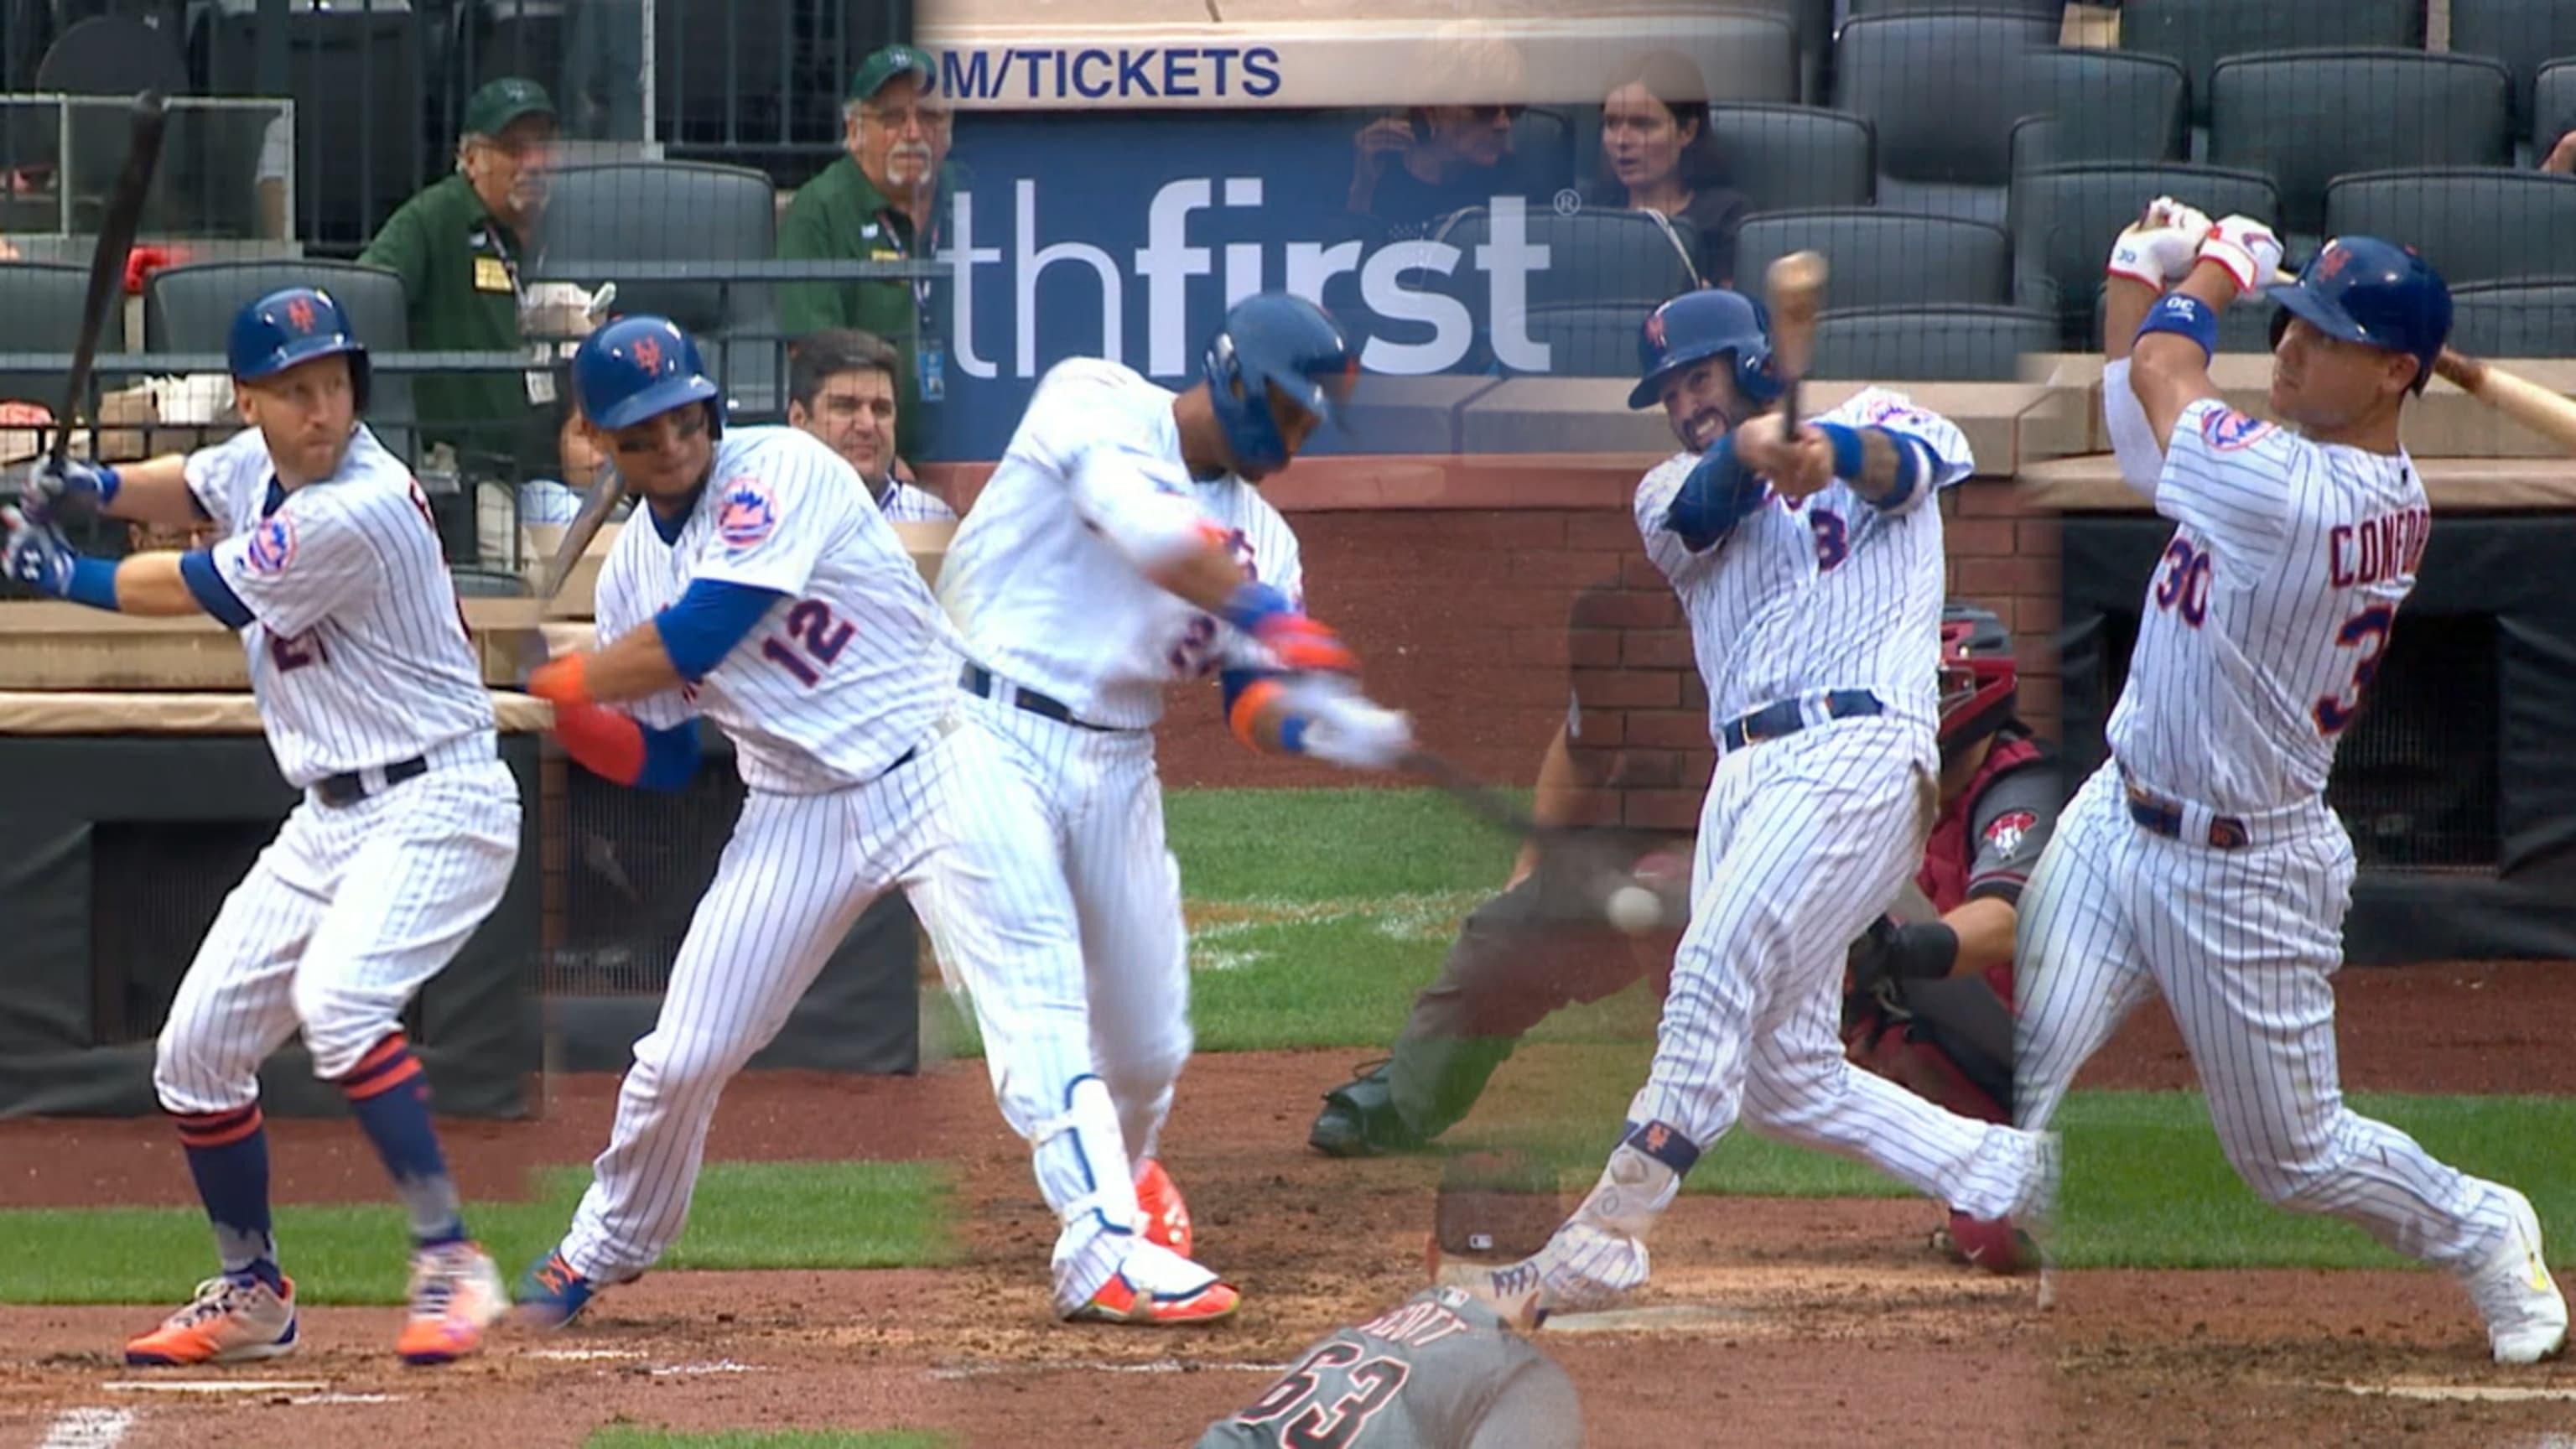 Mets dan 6 HR en el juego